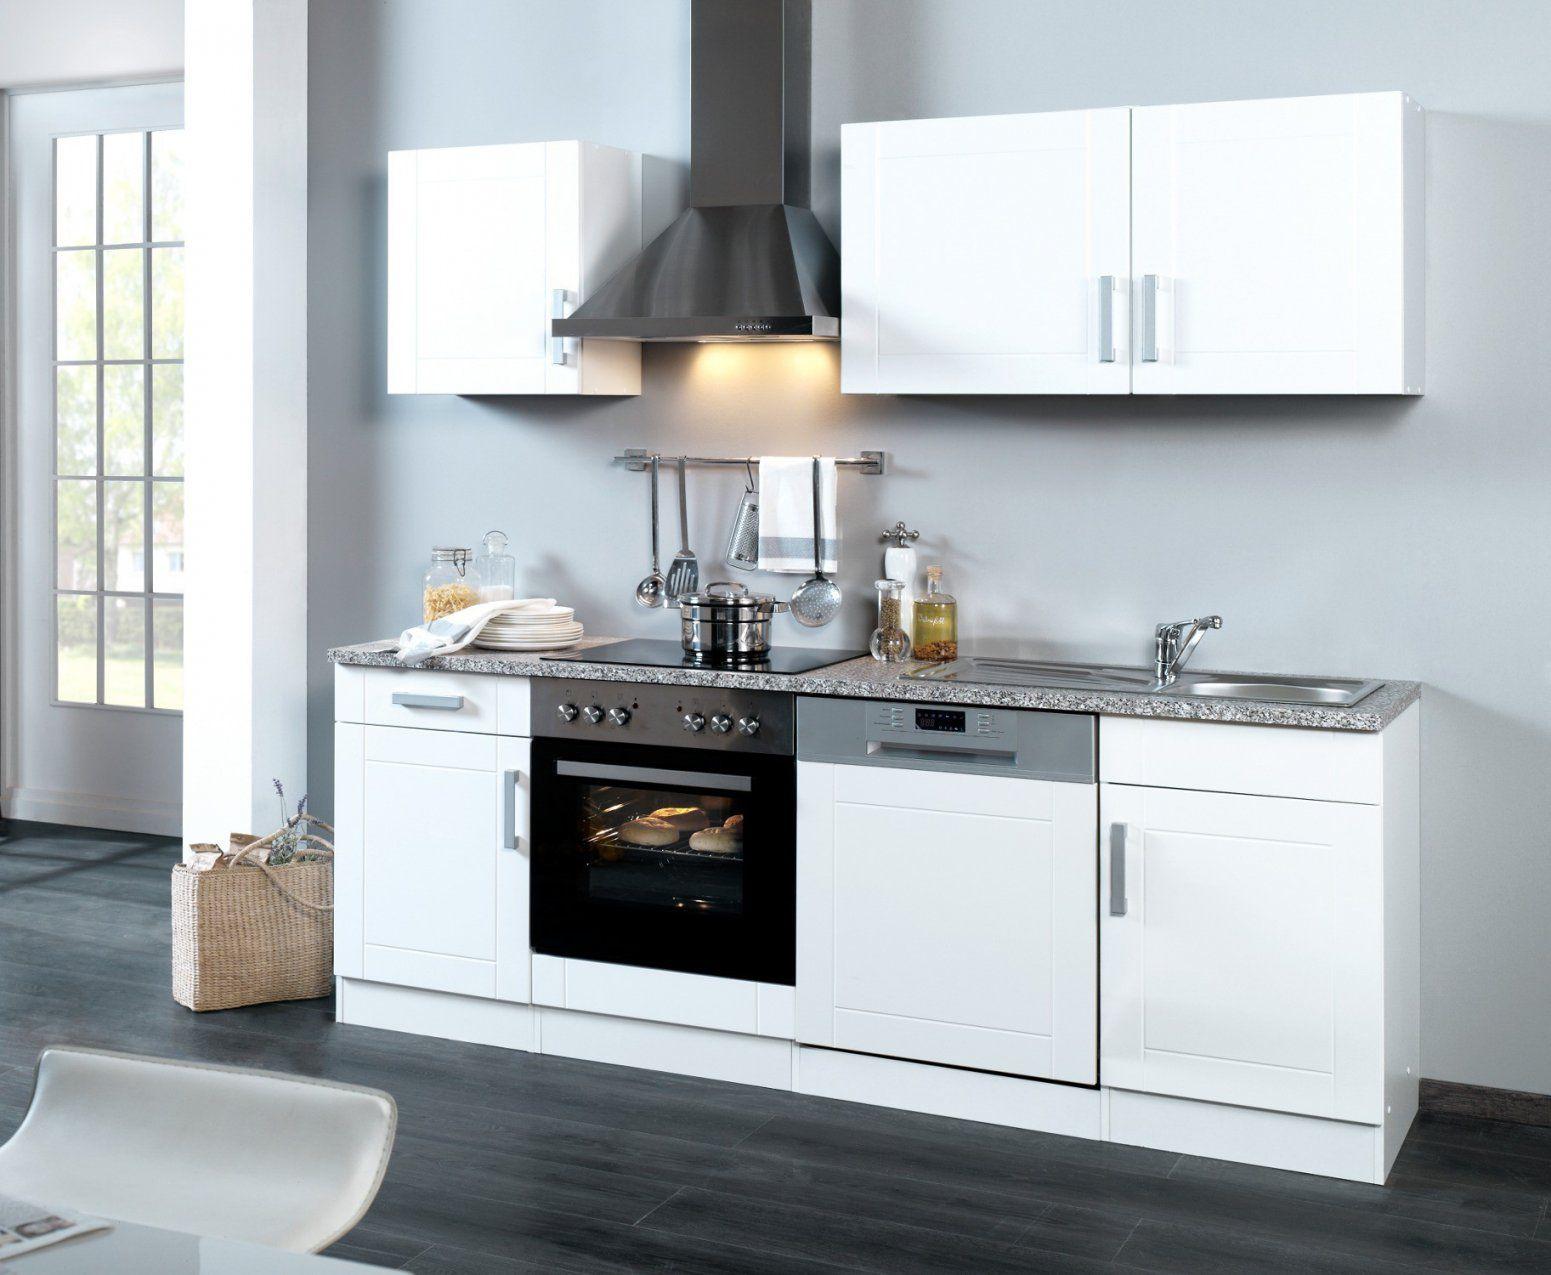 Küchenzeile 220 Cm Mit Elektrogeräten  Uruenavilladellibro von Küchenzeile 240 Cm Mit Kühlschrank Photo